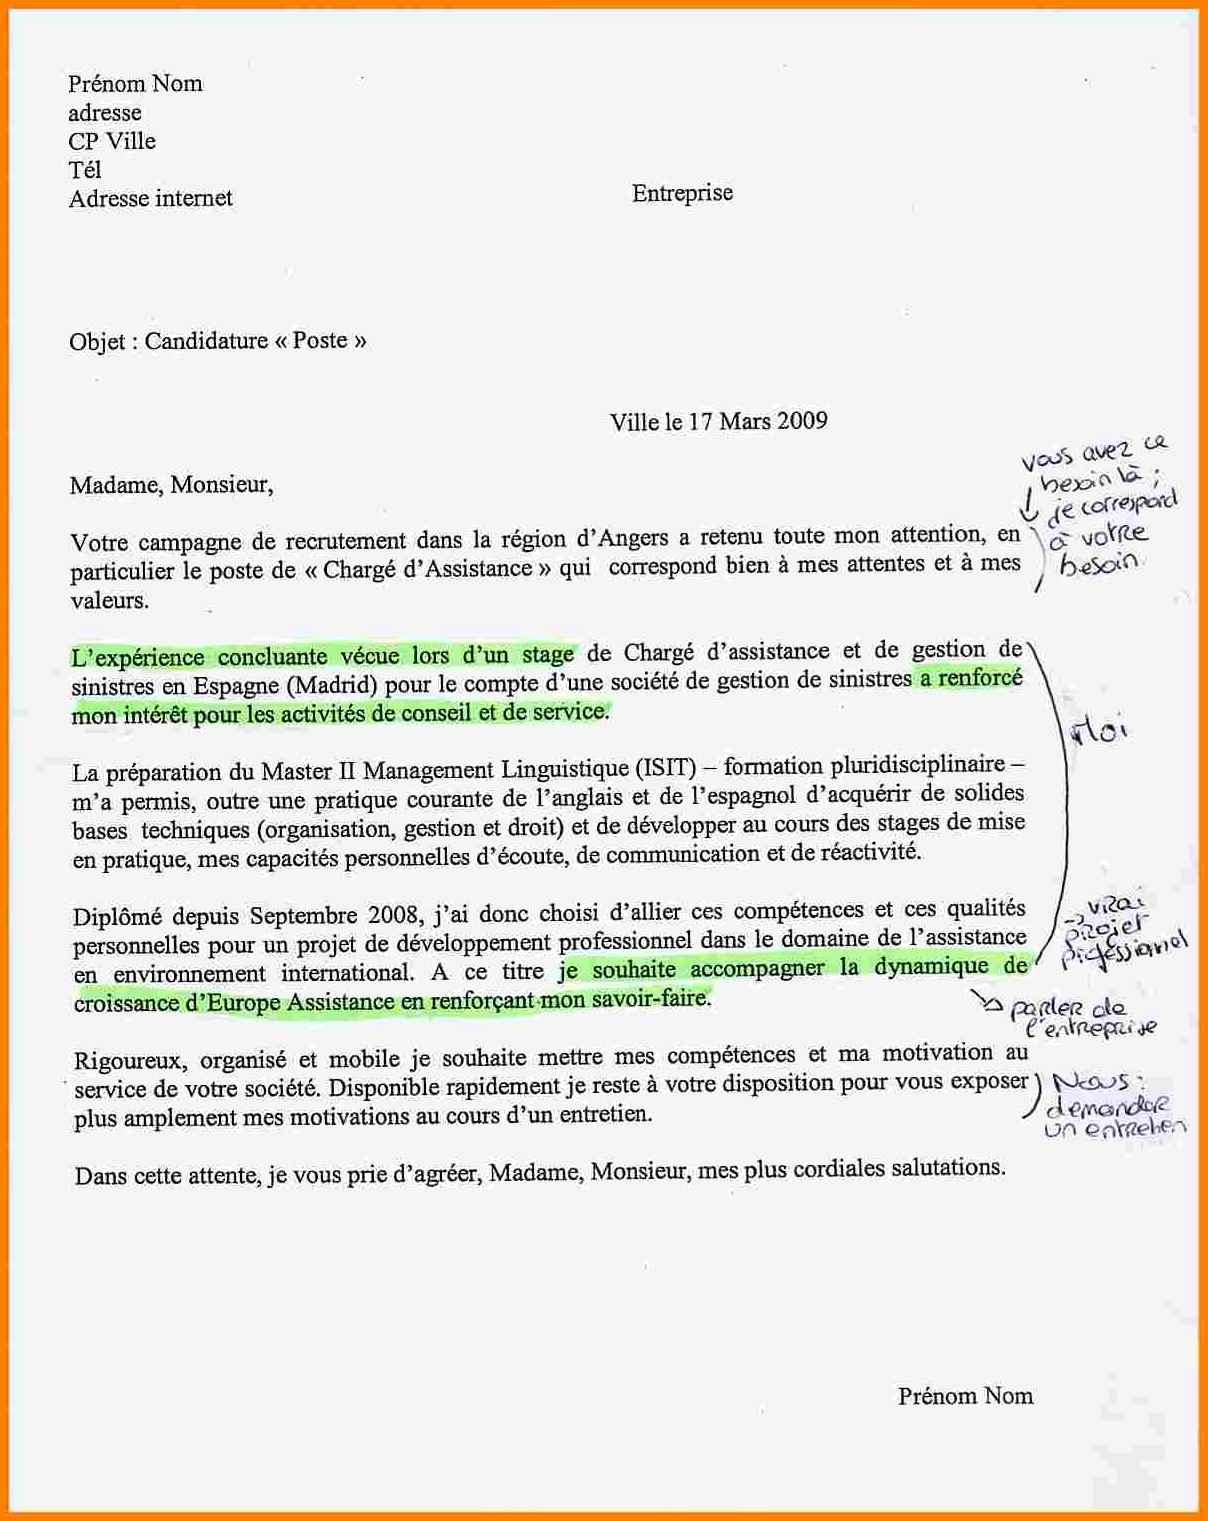 mise en page d u0026 39 une lettre de motivation manuscrite